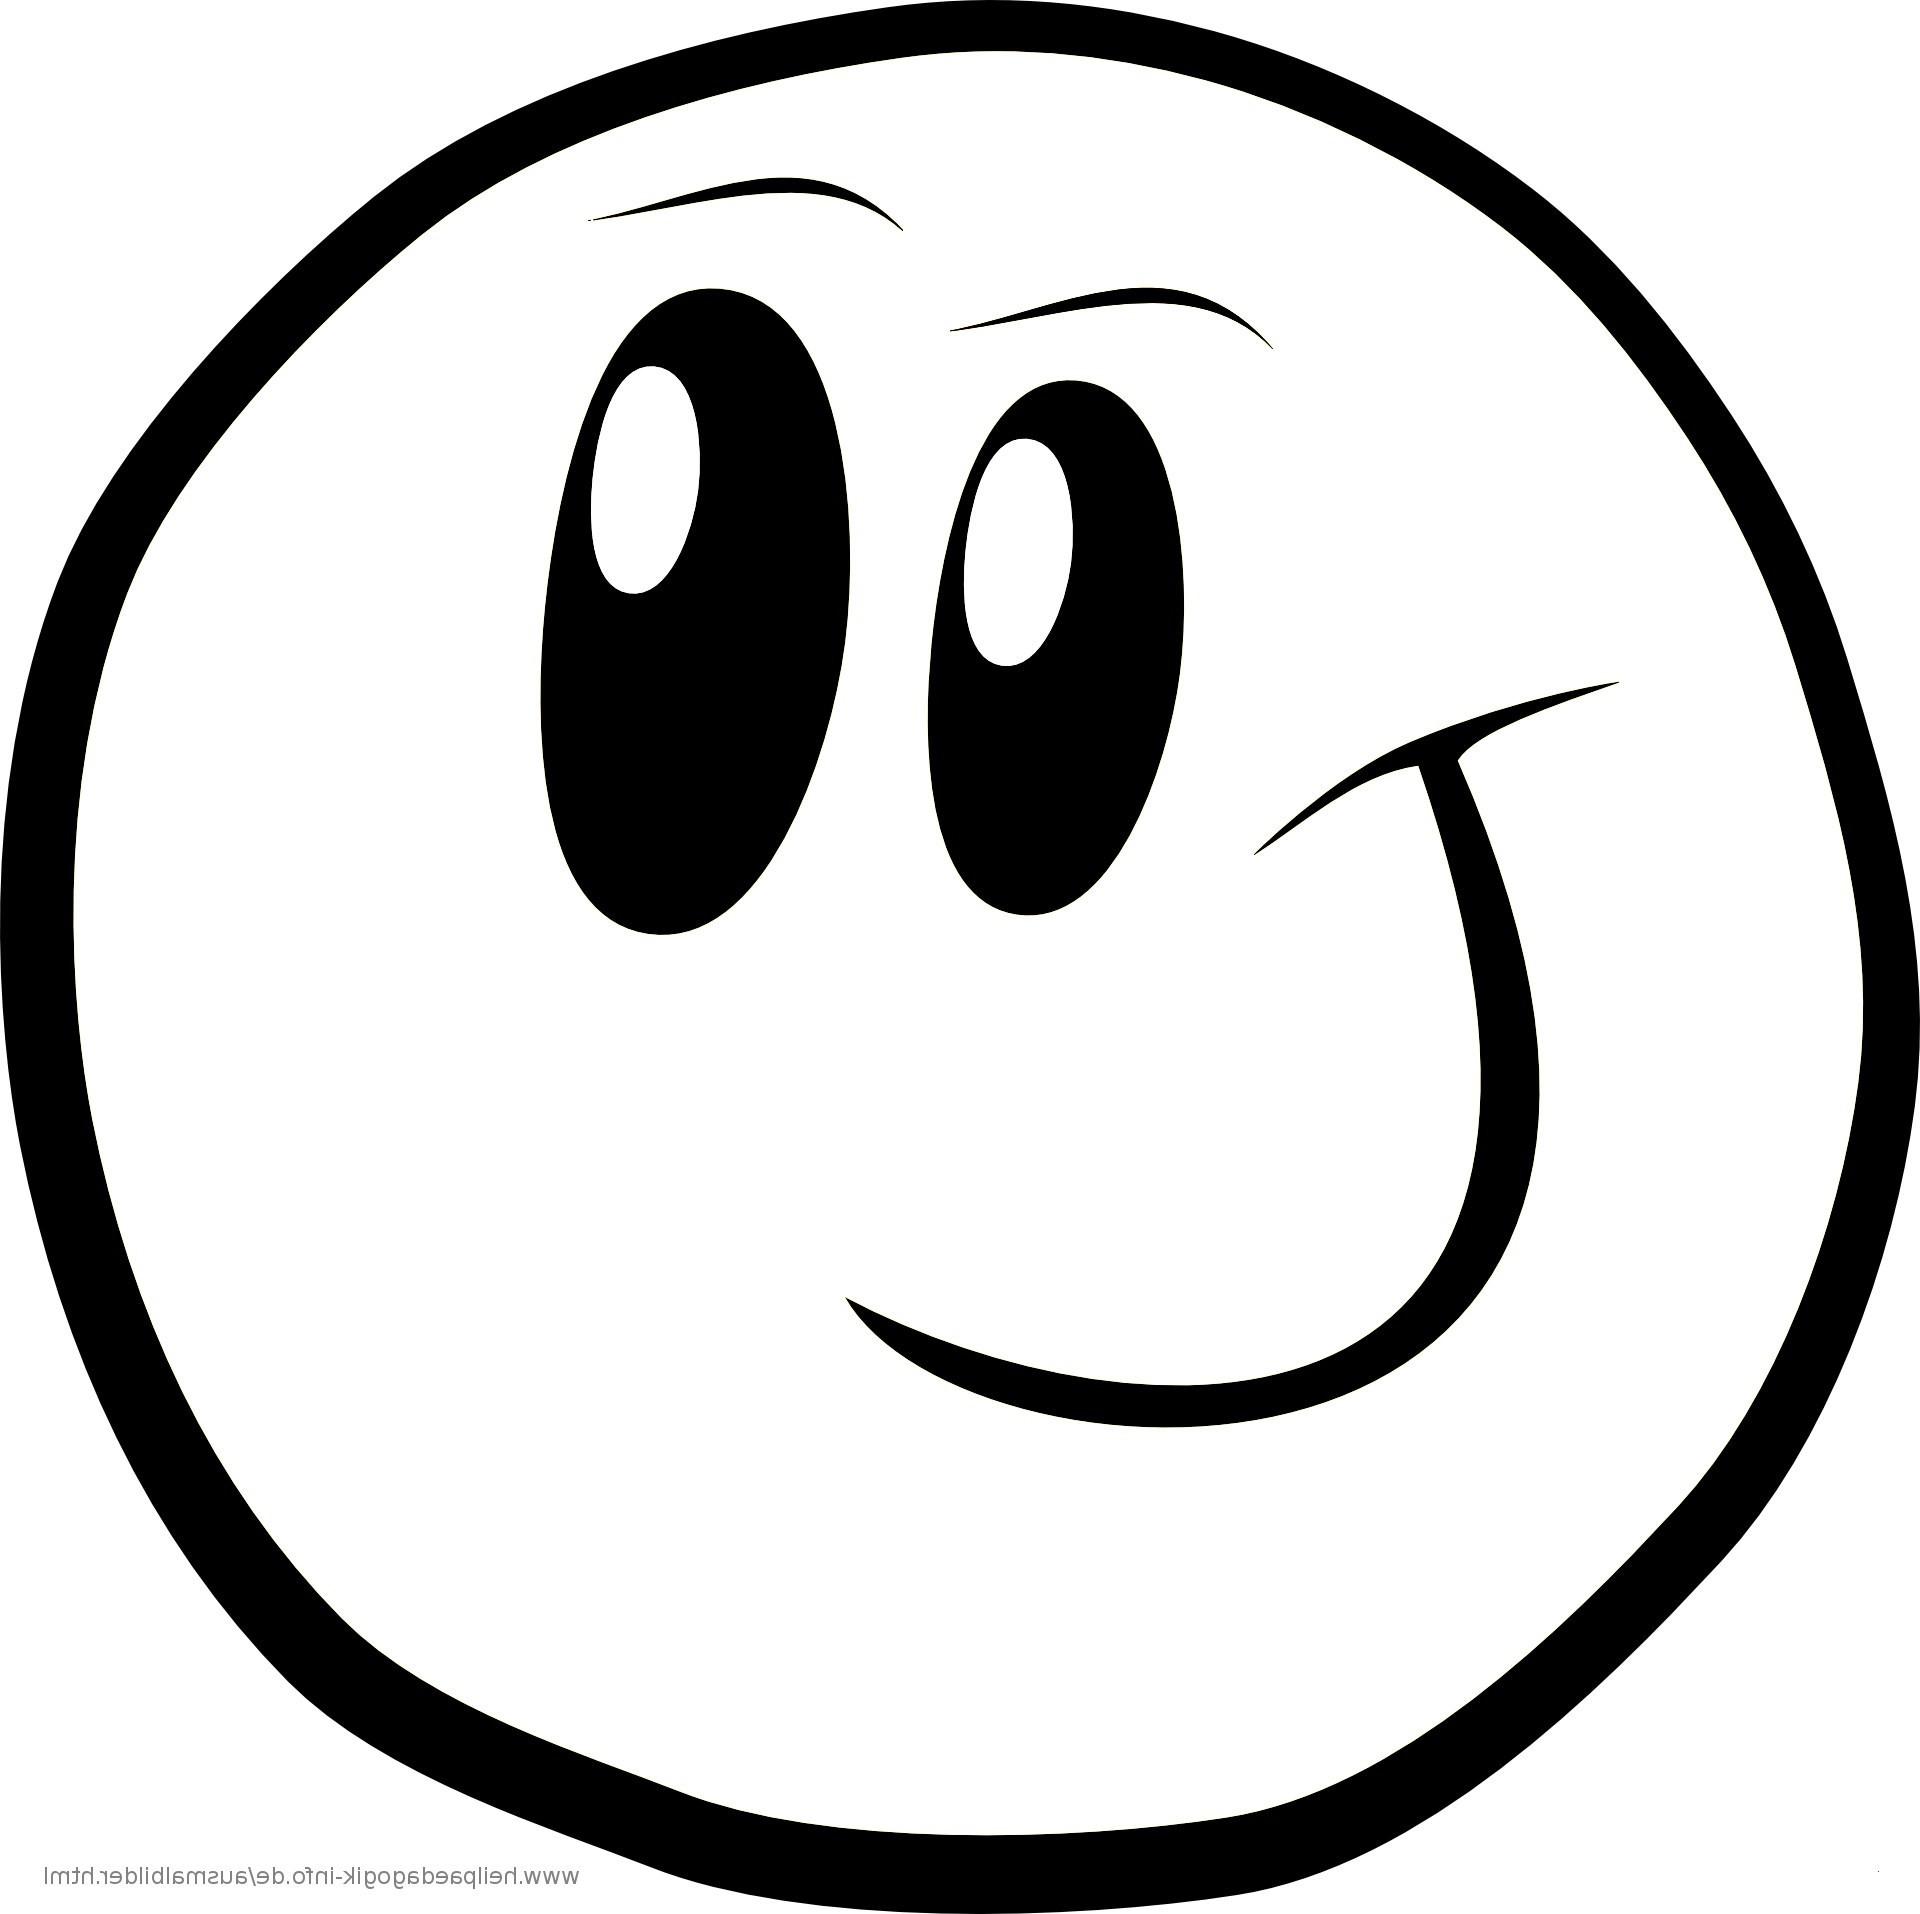 Smileys Zum Ausmalen Neu 30 Luxus Emojis Zum Ausmalen – Malvorlagen Ideen Fotografieren